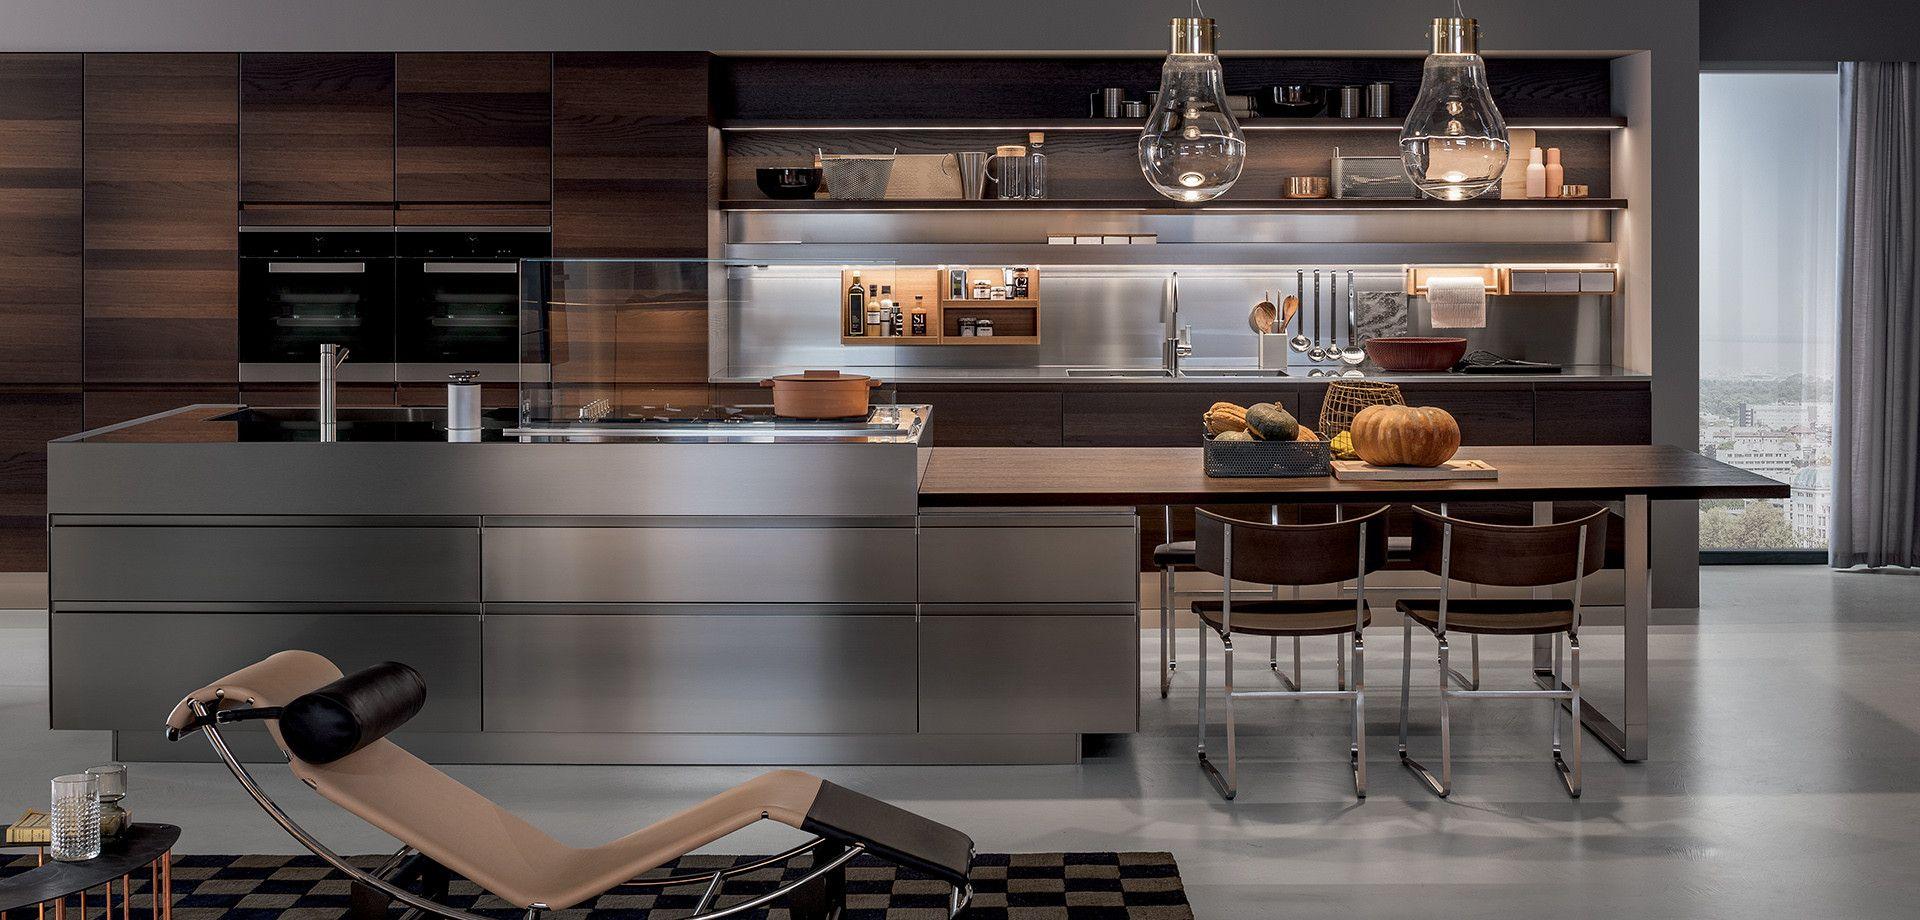 Кухня Arclinea Convivium | Progetti di cucine, Interni della ...